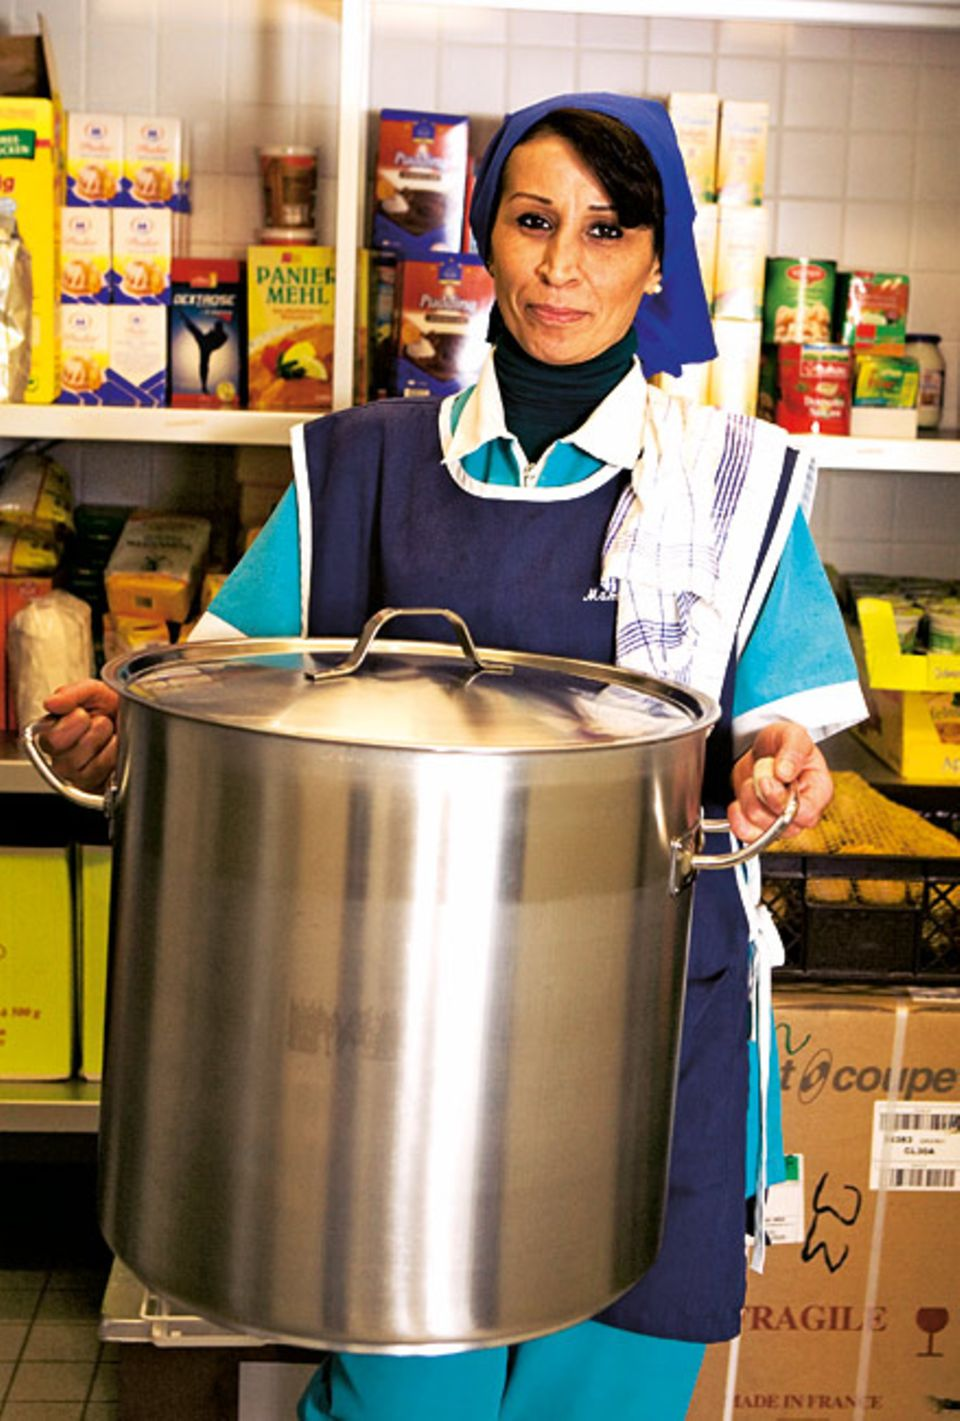 Ernährung: Kochen in Riesentöpfen: Das ist das größte Modell, das es in der Schulküche gibt